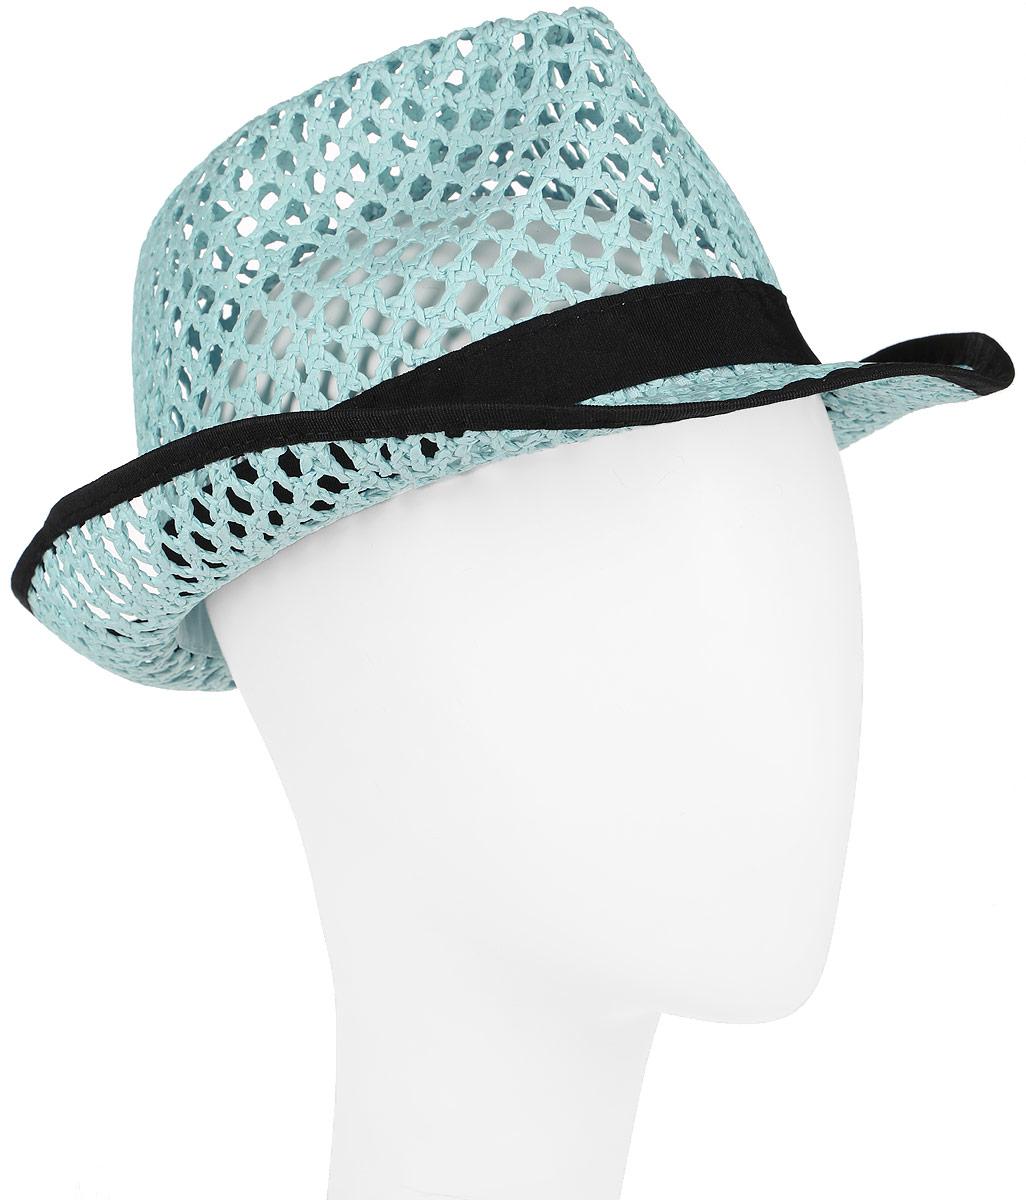 Шляпа женская Canoe Daima, цвет: голубой. 1964525. Размер 561964525Шляпа-федора Canoe Daima непременно украсит любой наряд.Шляпа из искусственной соломы оформлена трикотажным ремешком с логотипом фирмы вокруг тульи. Благодаря своей форме, шляпа удобно садится по голове и подойдет к любому стилю. Плетение шляпы позволяет ей пропускать воздух, что обеспечивает необходимую вентиляцию.Такая шляпа подчеркнет вашу неповторимость и дополнит ваш повседневный образ.